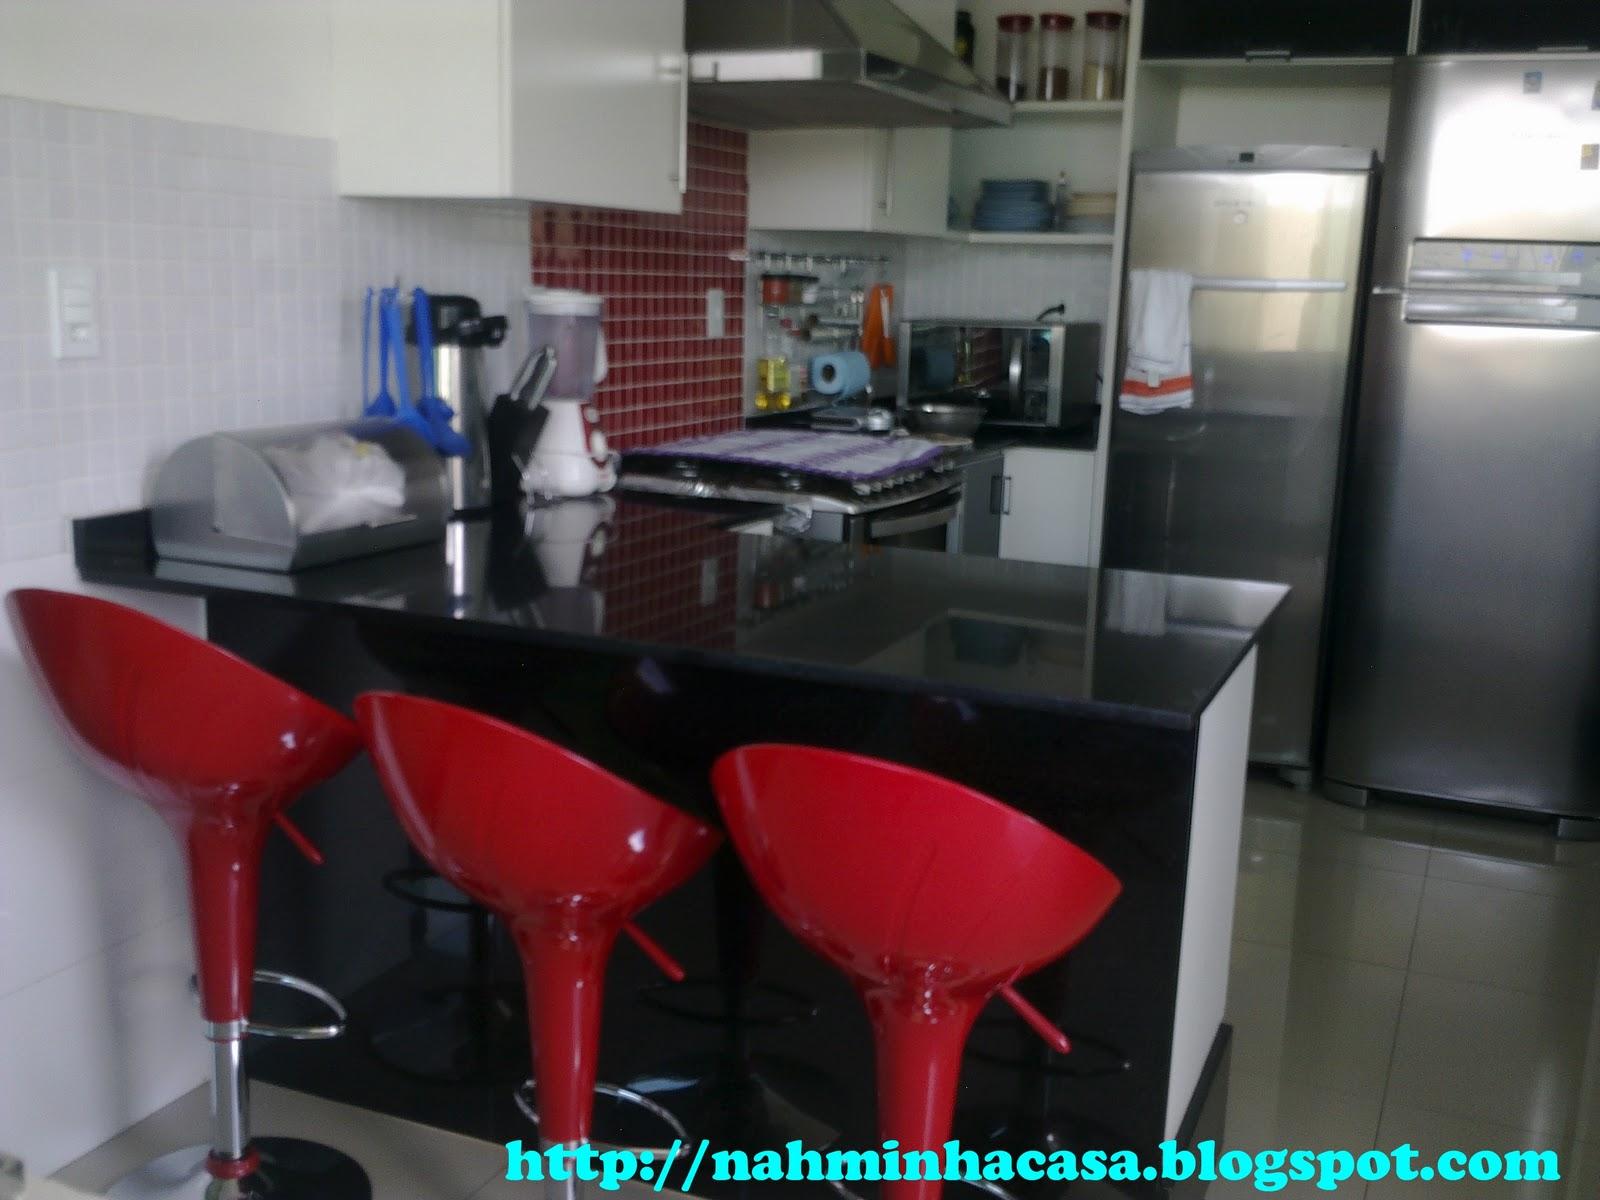 Nah Minha Casa: MINHAS BANQUETAS VERMELHAS DA COZINHA #09C2C2 1600 1200